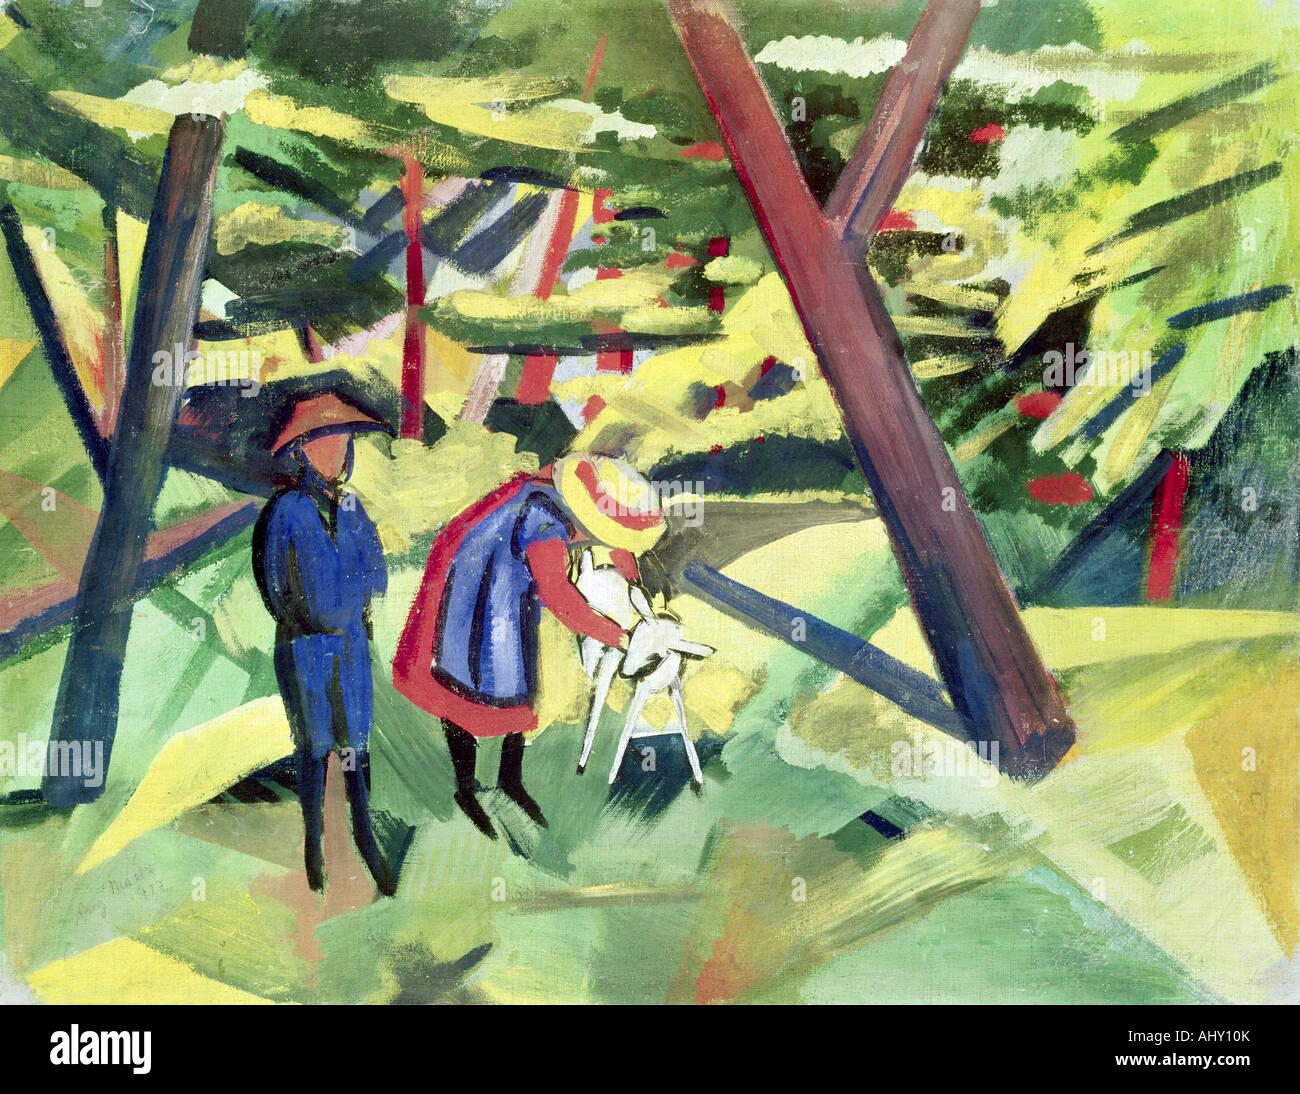 'Fine Arts, Macke, August, (1887 - 1914), peinture, 'Kinder mit Ziege im Wald', ('les enfants avec chèvre en forêt'), Banque D'Images